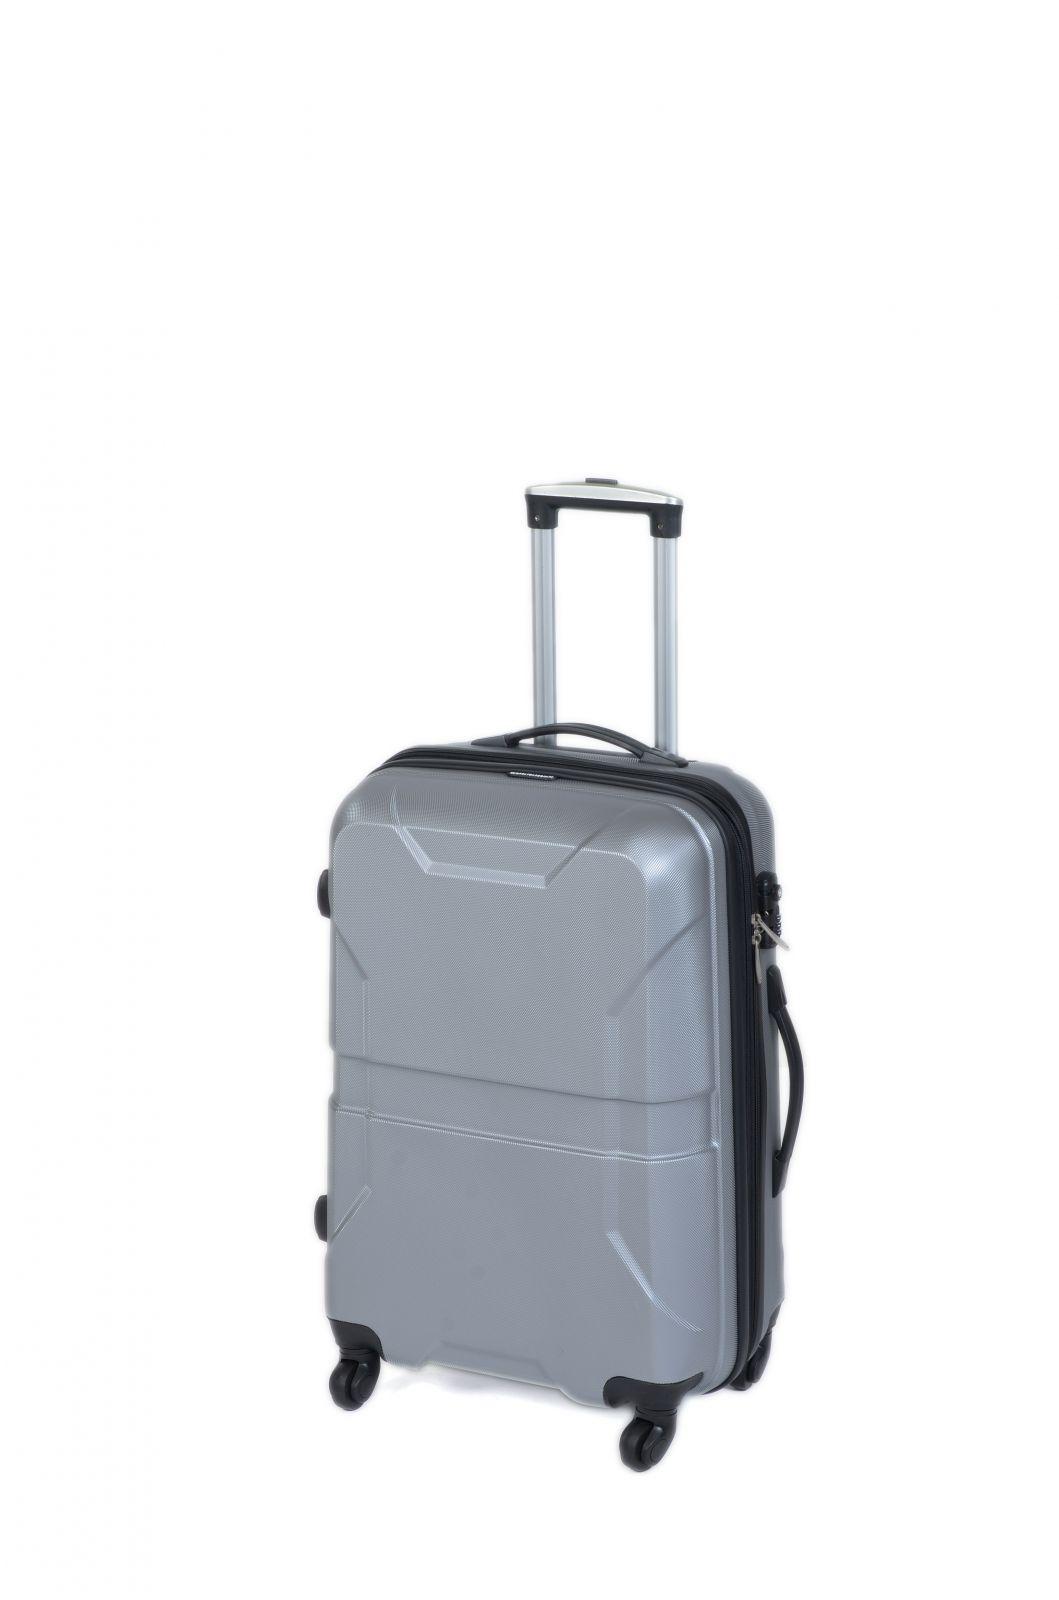 Trolleykoffer Xtreme robust M s TSA zámkem